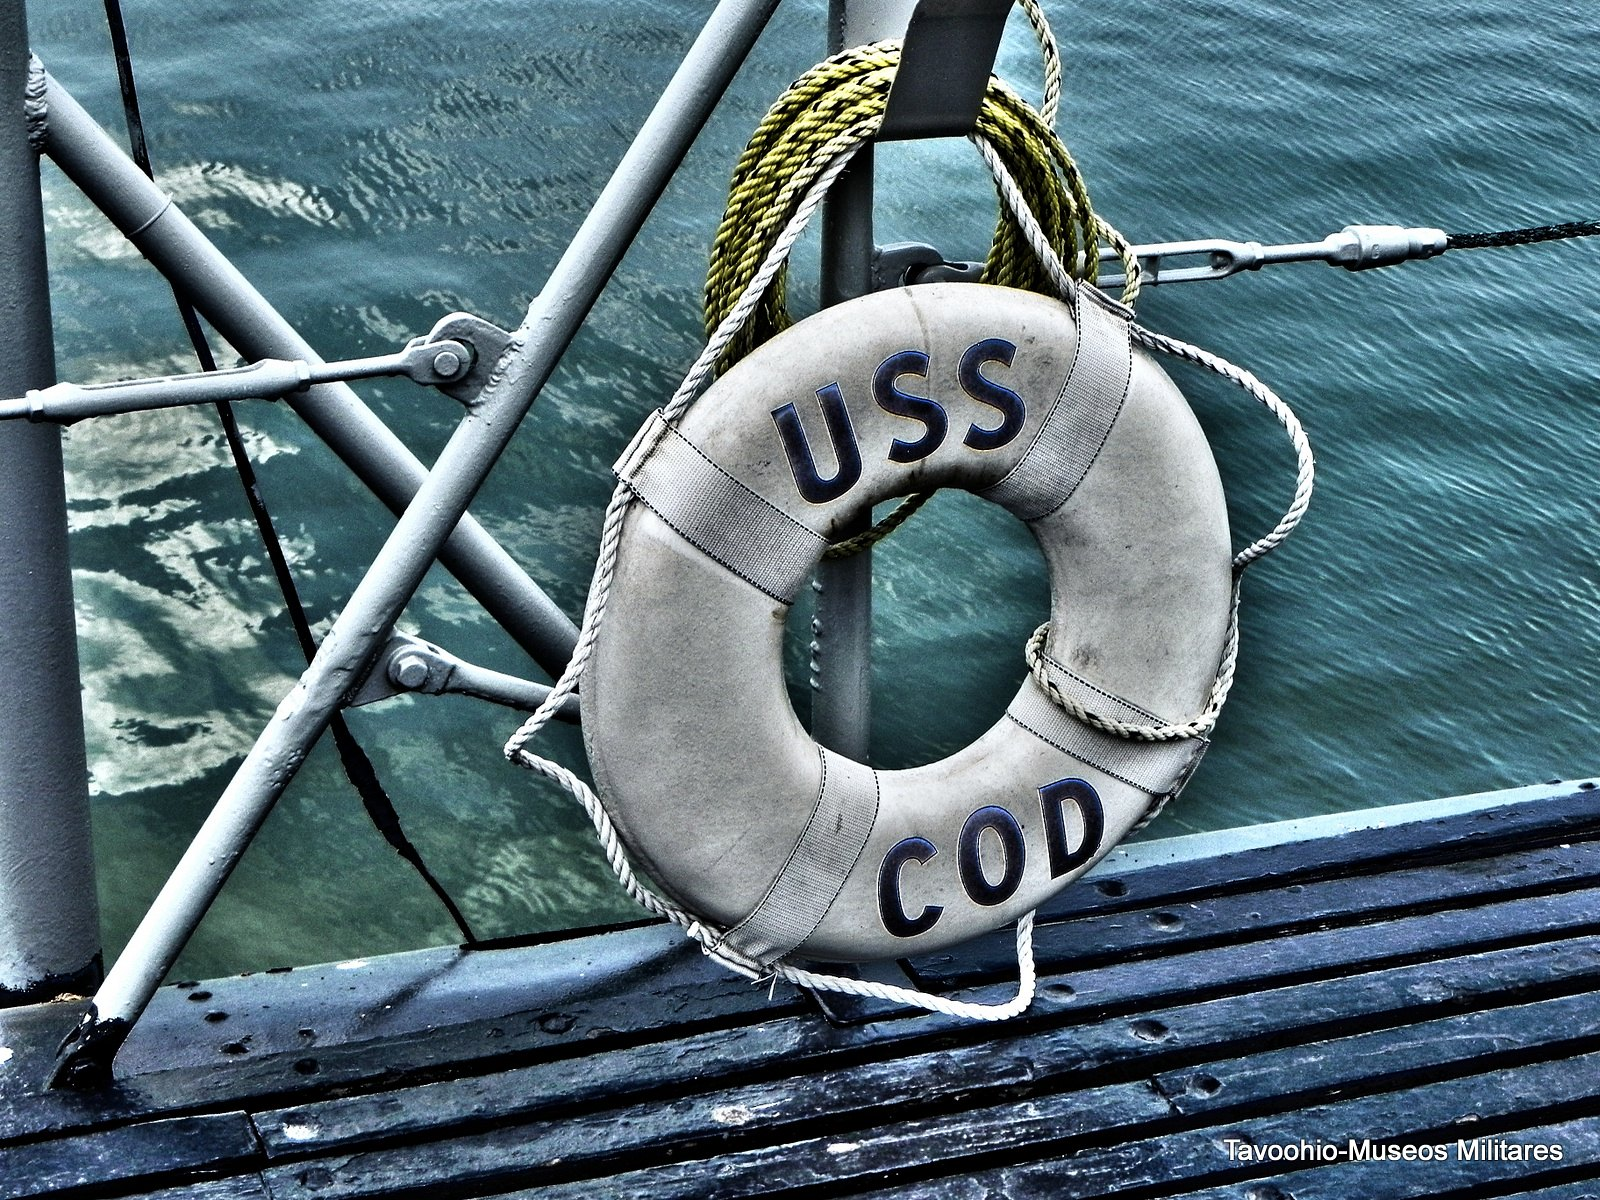 Detalle de un salvavidas del USS Cod